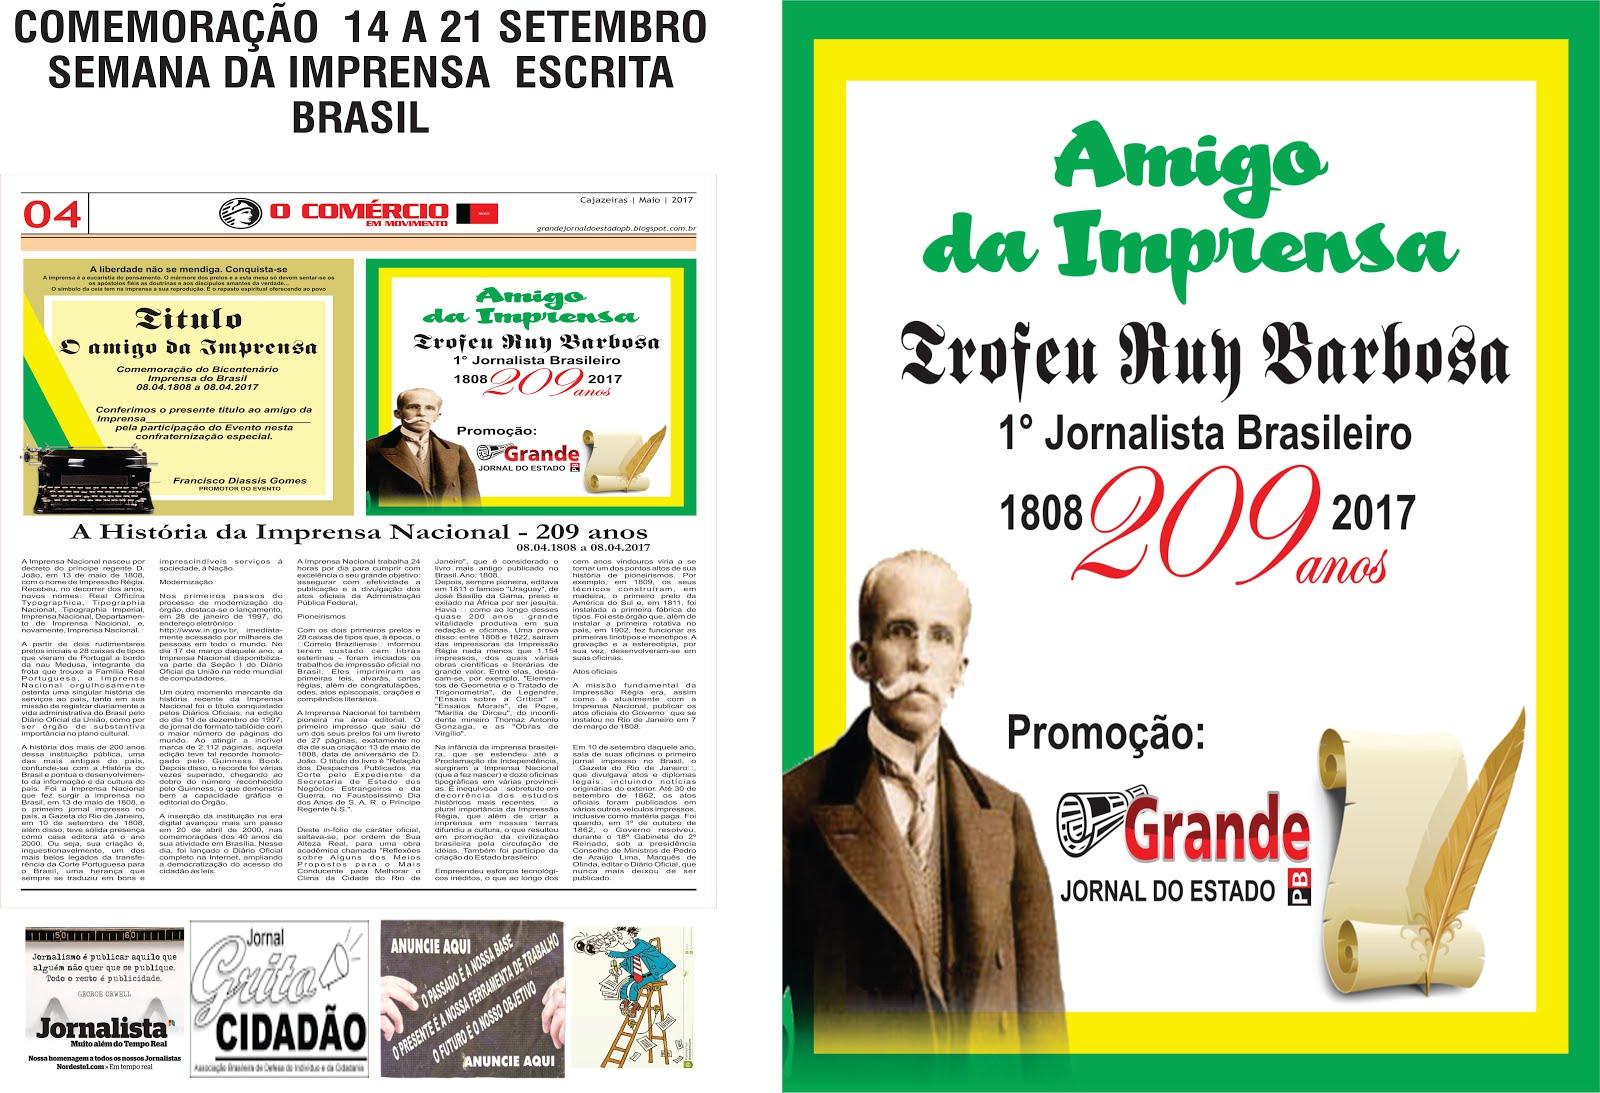 JORNAL DO COMÉRCIO PARABENIZA A IMPRENSA DO BRASIL NOS 209 ANOS